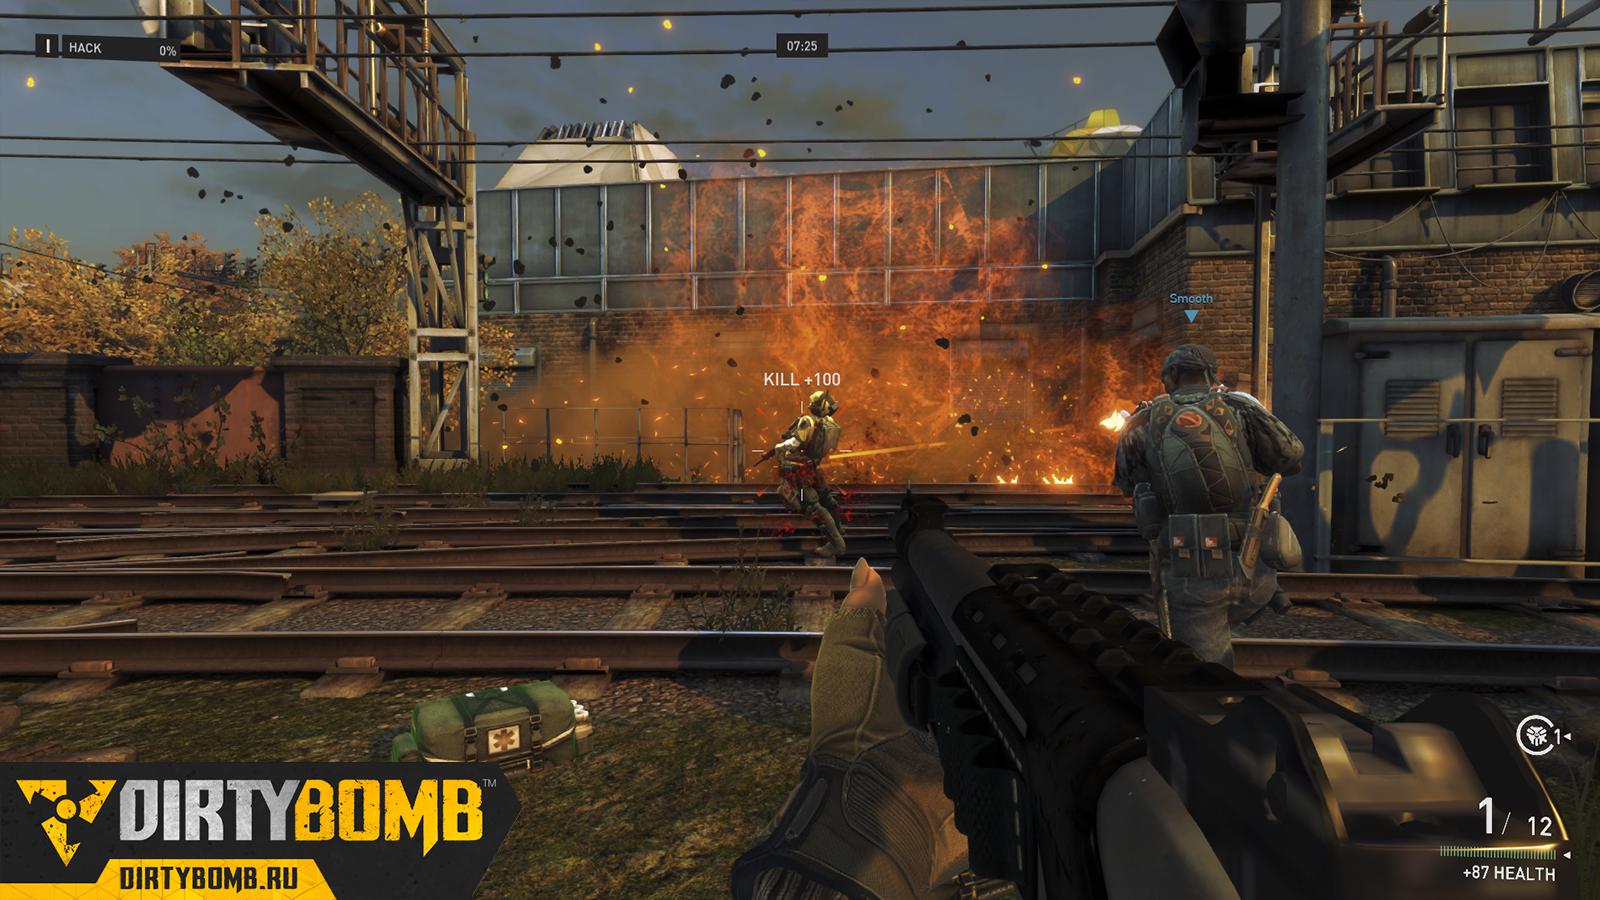 Разработчики Dirty Bomb рассказывают о режимах игры!  Стали известны подробности о режимах игры в сетевом шутере Dir ... - Изображение 1